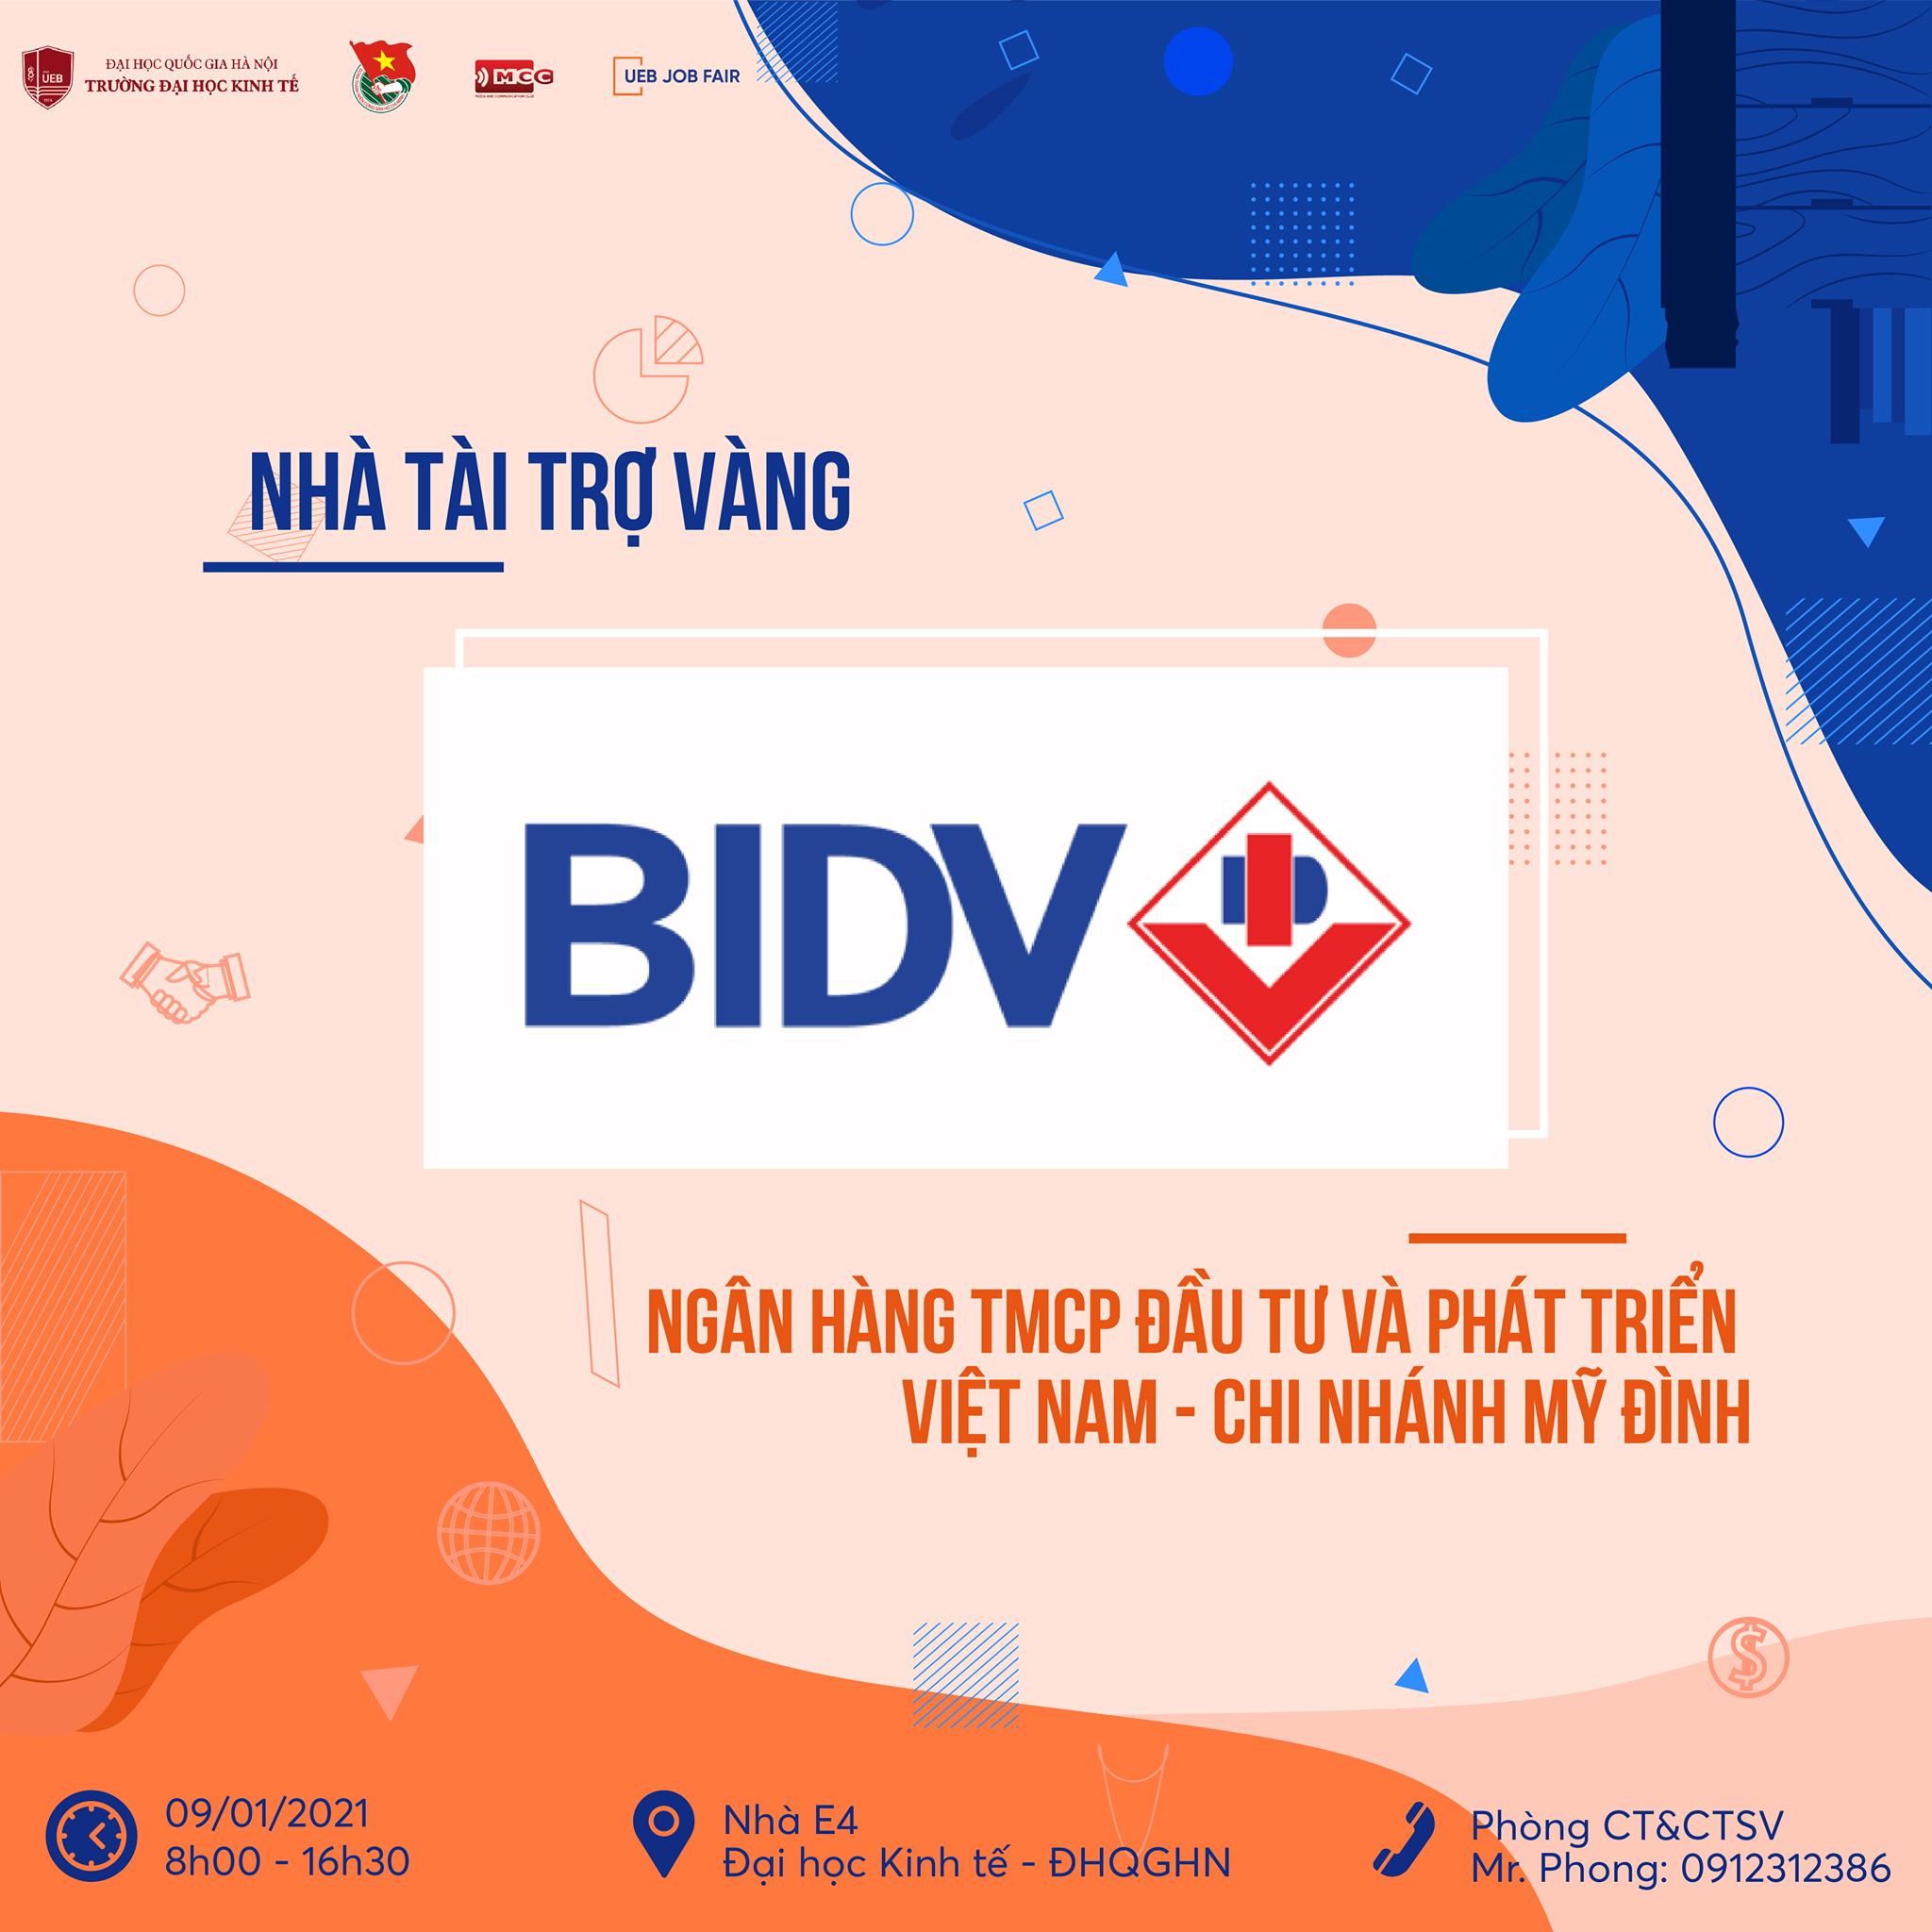 Ngân hàng TMCP Đầu tư và Phát triển Việt Nam (BIDV) – Chi nhánh Mỹ Đình tuyển dụng